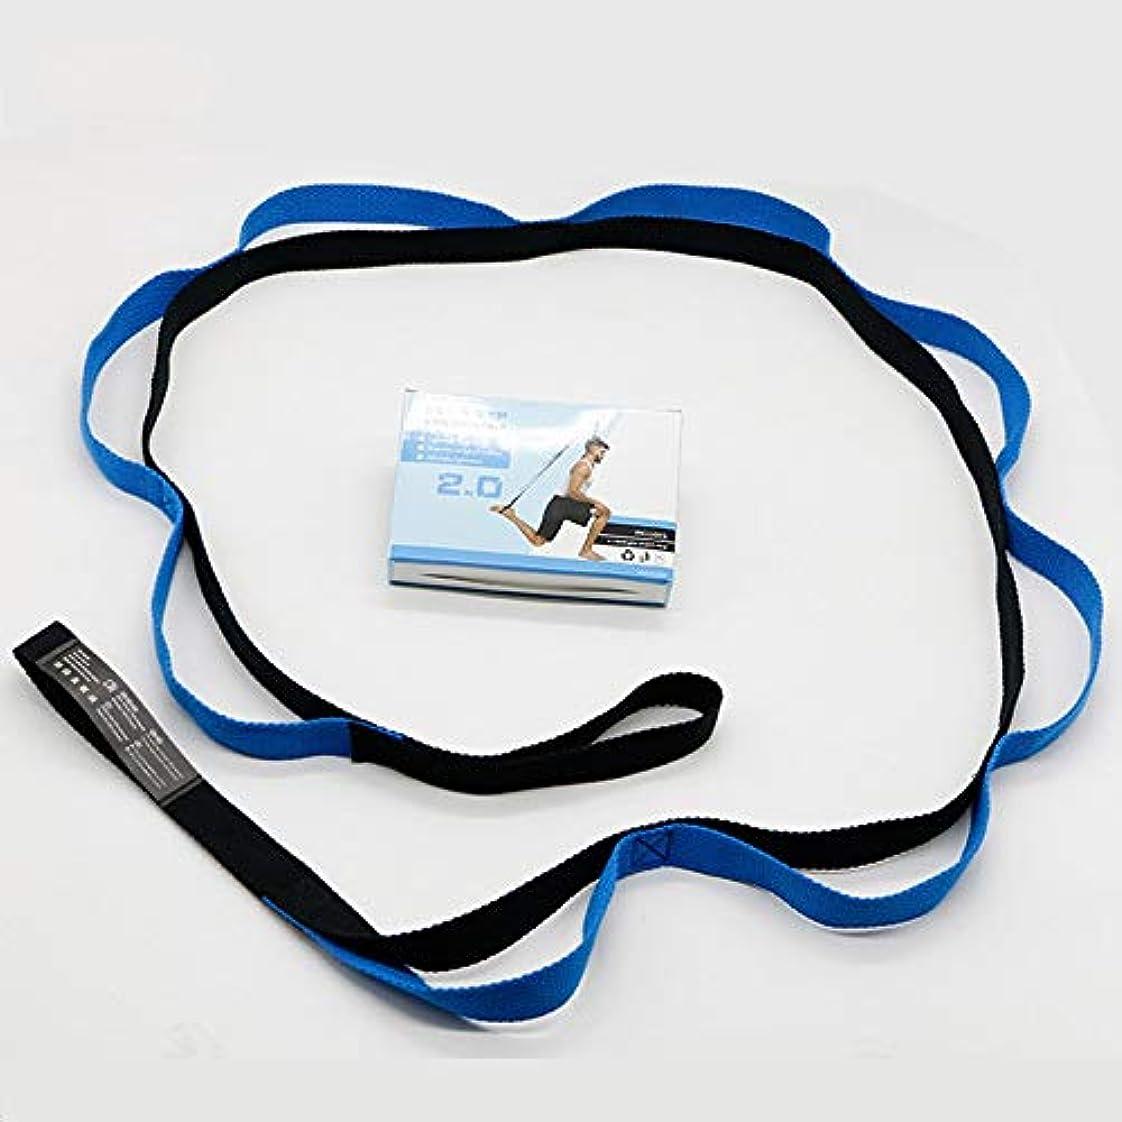 誰のワイヤー雄弁フィットネスエクササイズジムヨガストレッチアウトストラップ弾性ベルトウエストレッグアームエクステンションストラップベルトスポーツユニセックストレーニングベルトバンド - ブルー&ブラック